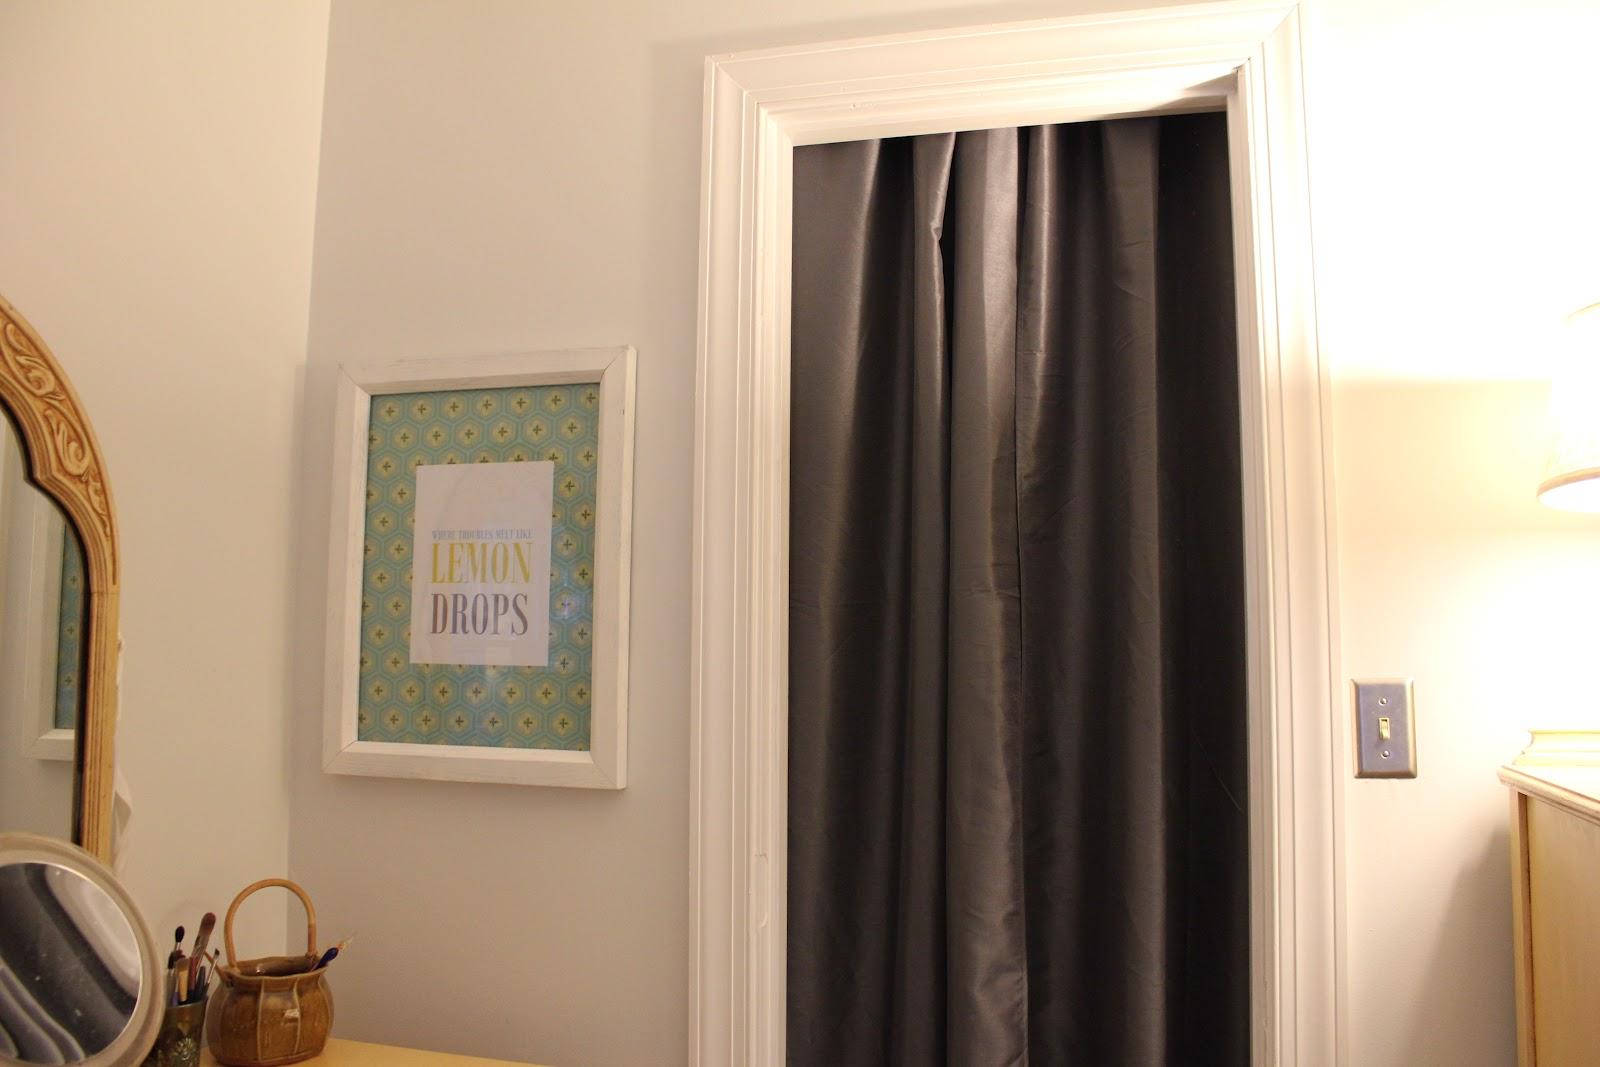 Curtains for closet doors - Gray Curtains For Closet Doors